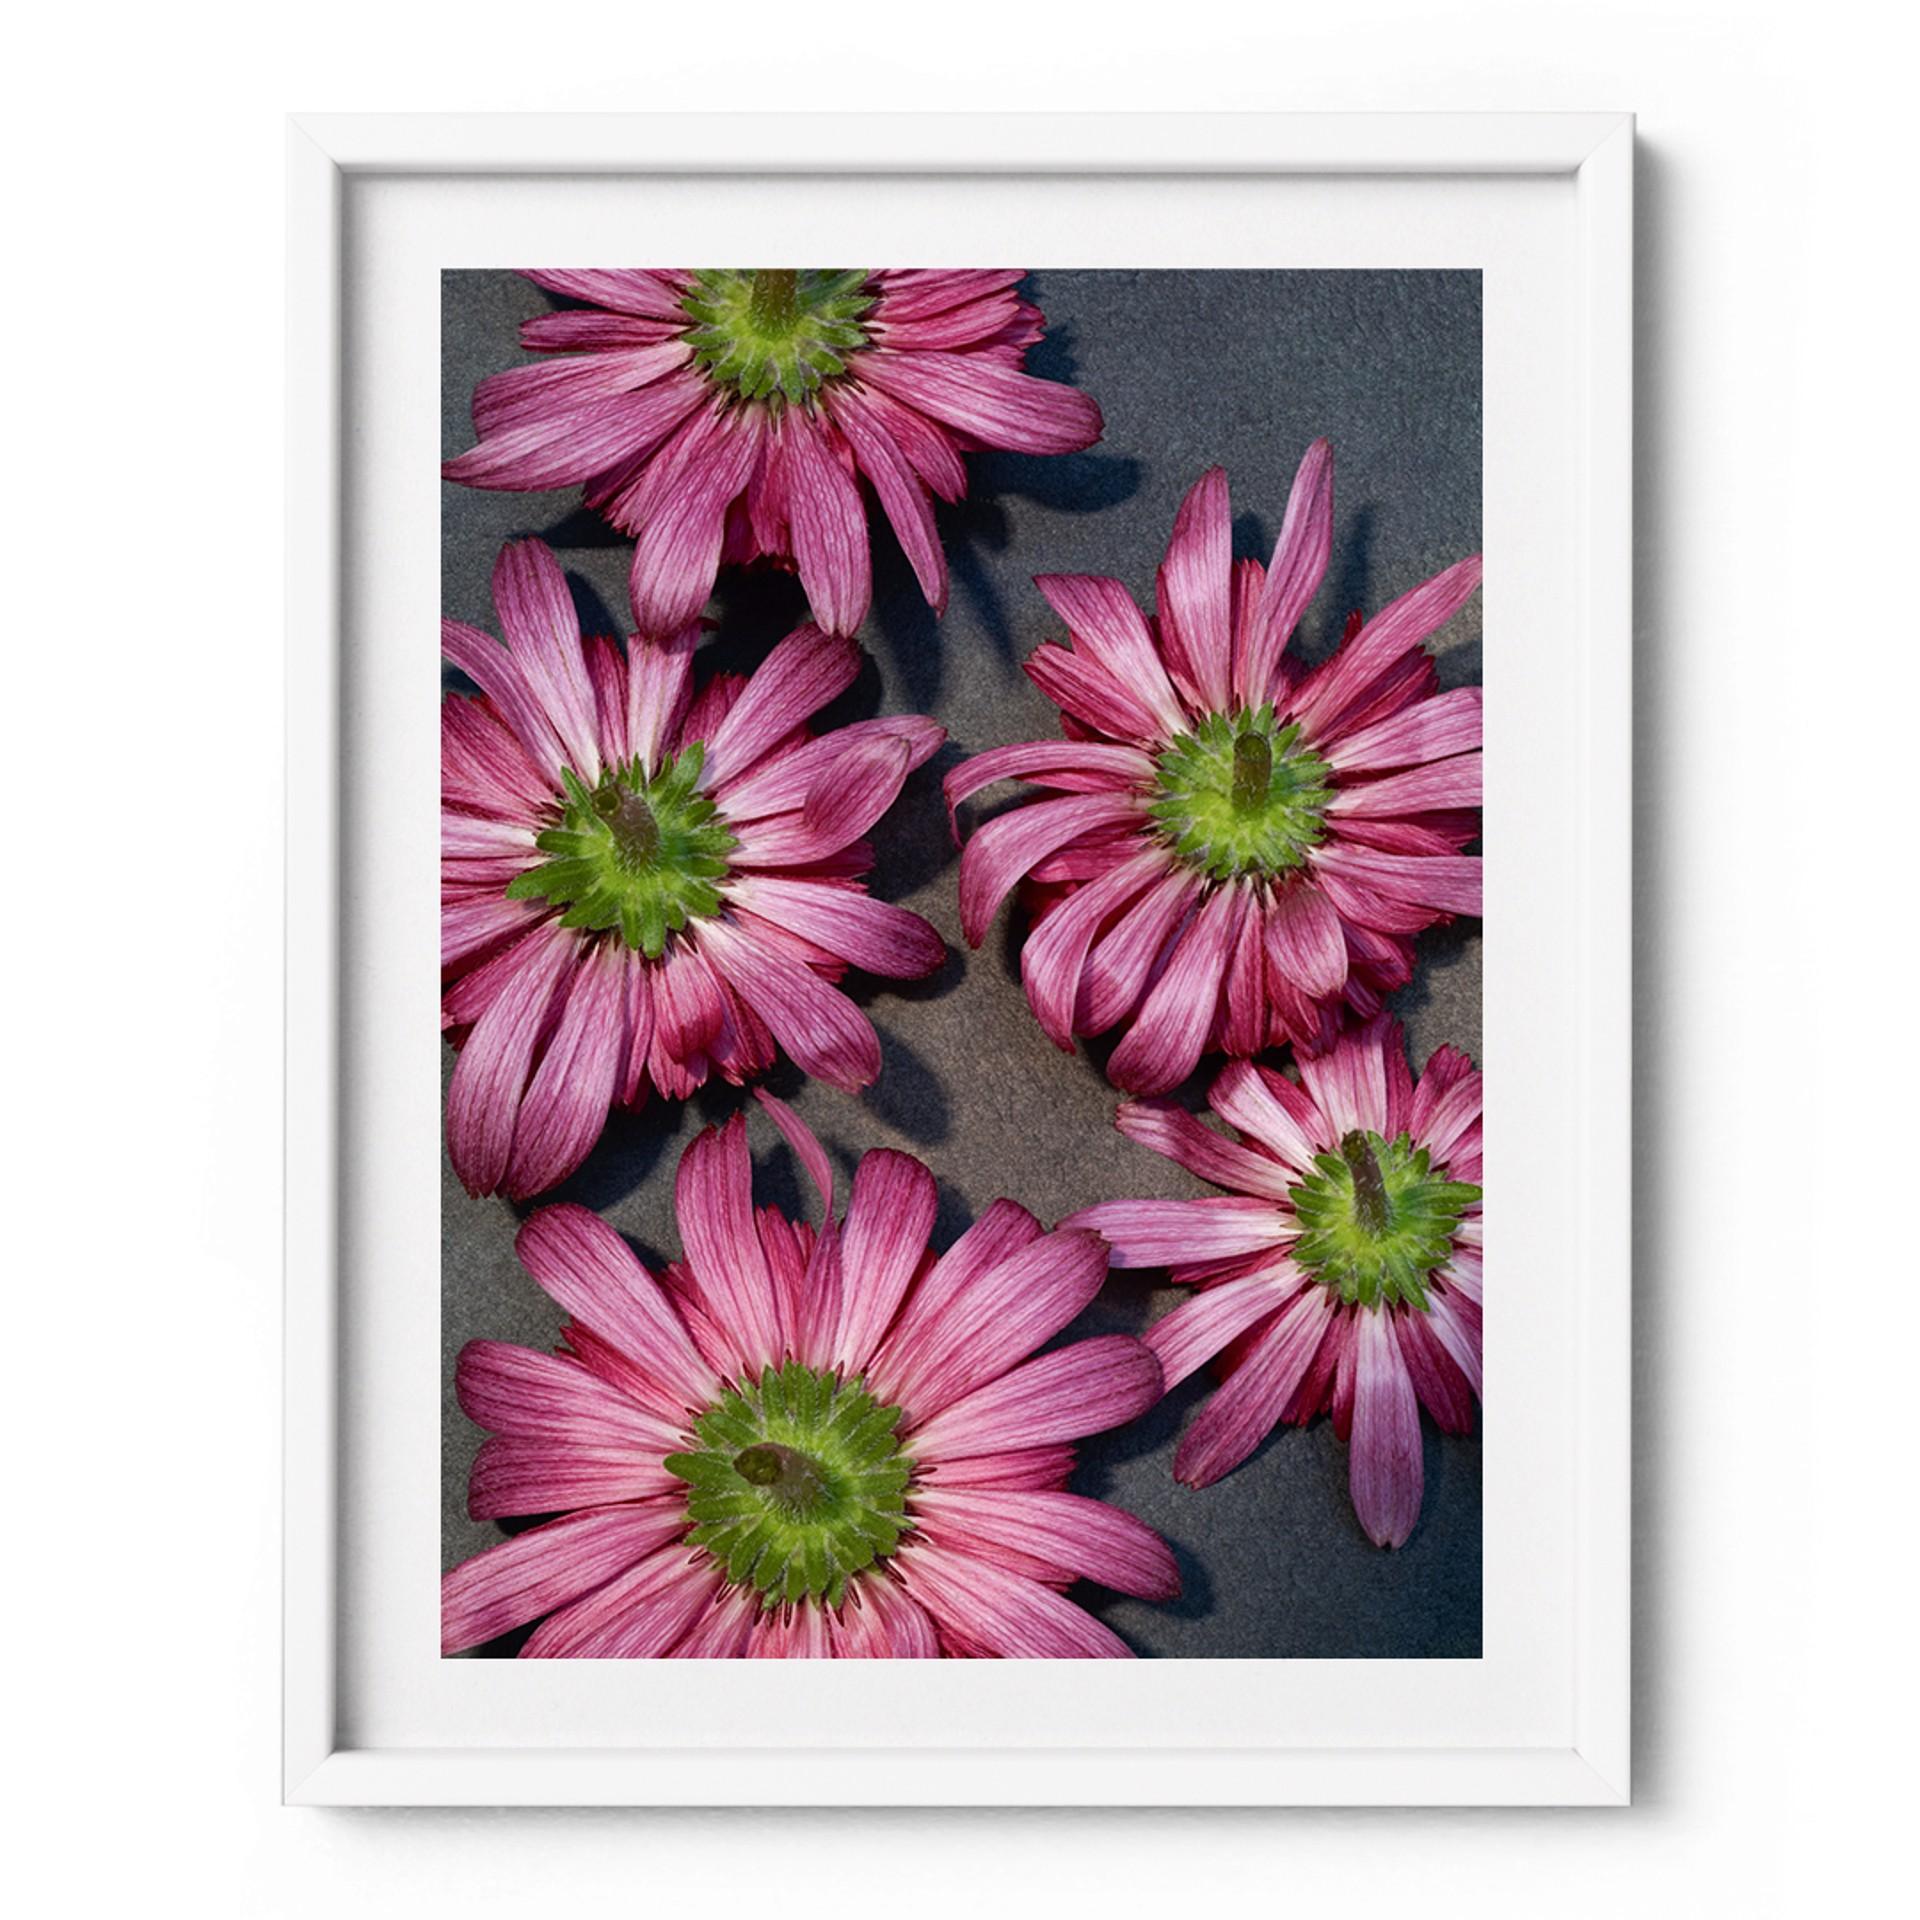 Flower #5 by Gabriella Imperatori-Penn